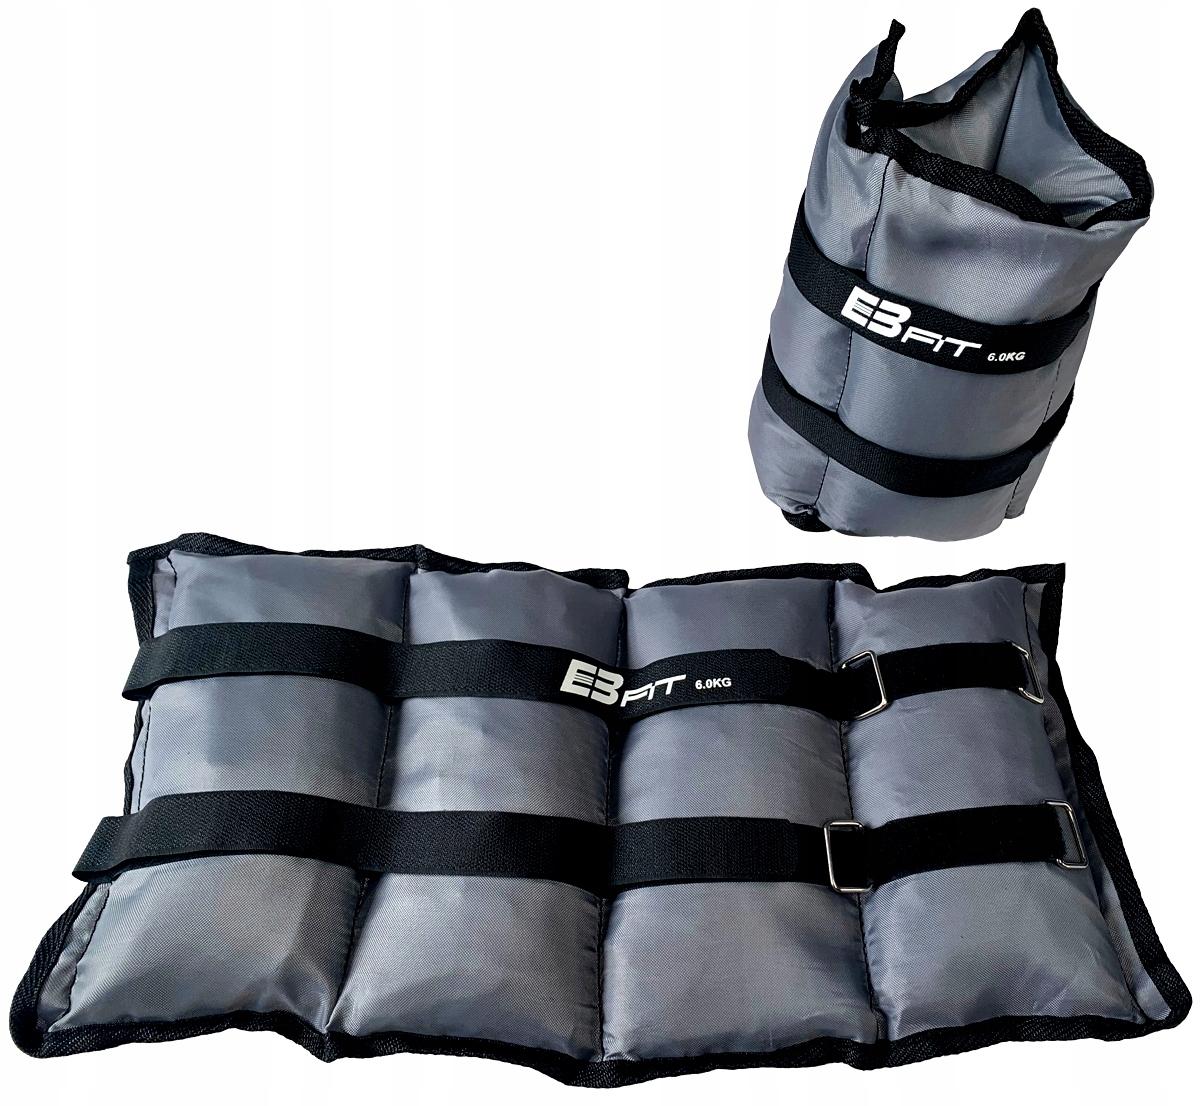 EB FIT 2 x 6 kg závažia na ruky a nohy na cvičenie